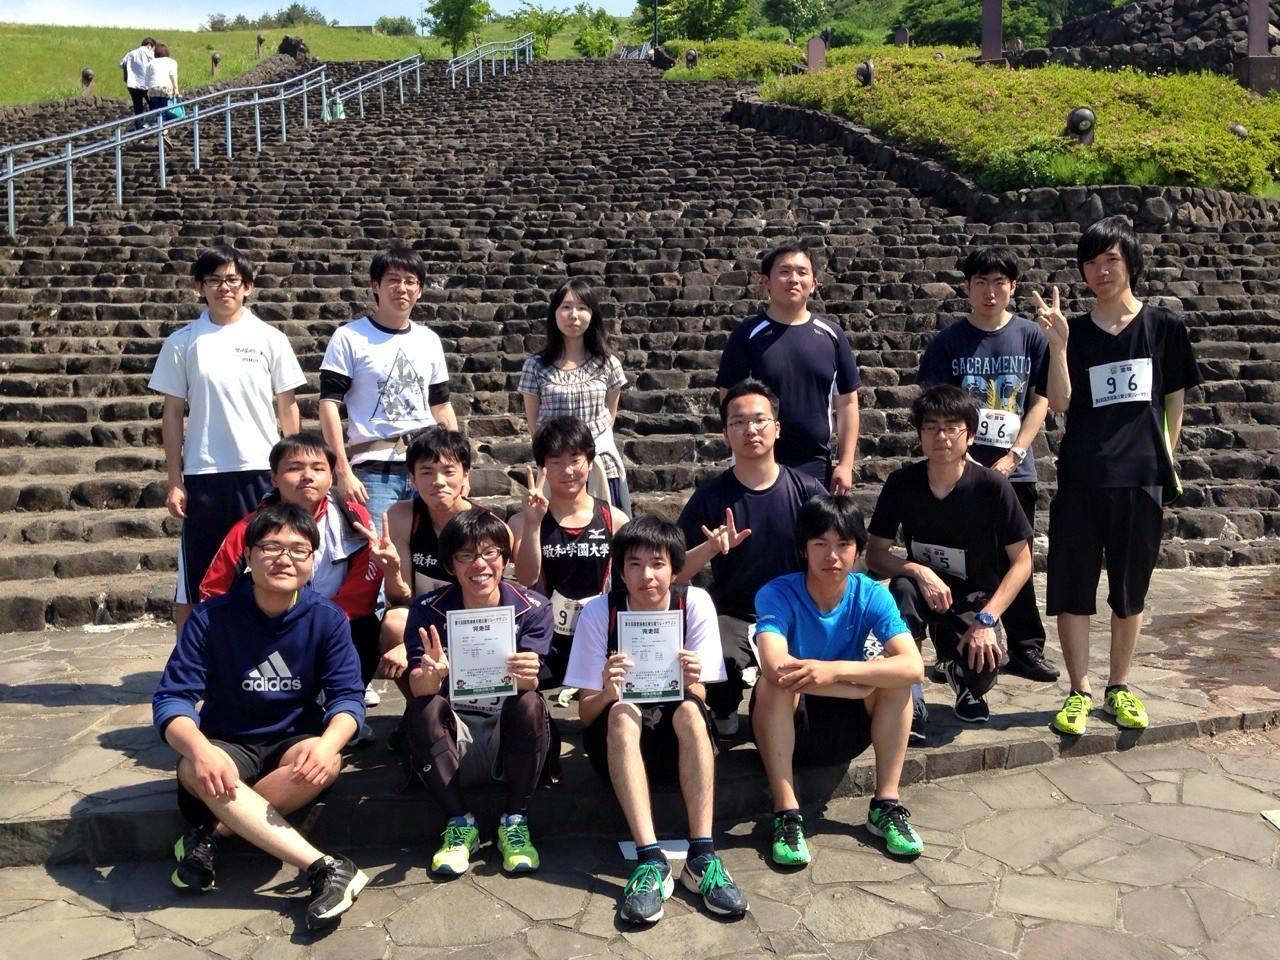 【サークル紹介】陸上競技部が長岡丘陵公園リレーマラソンに出場しました